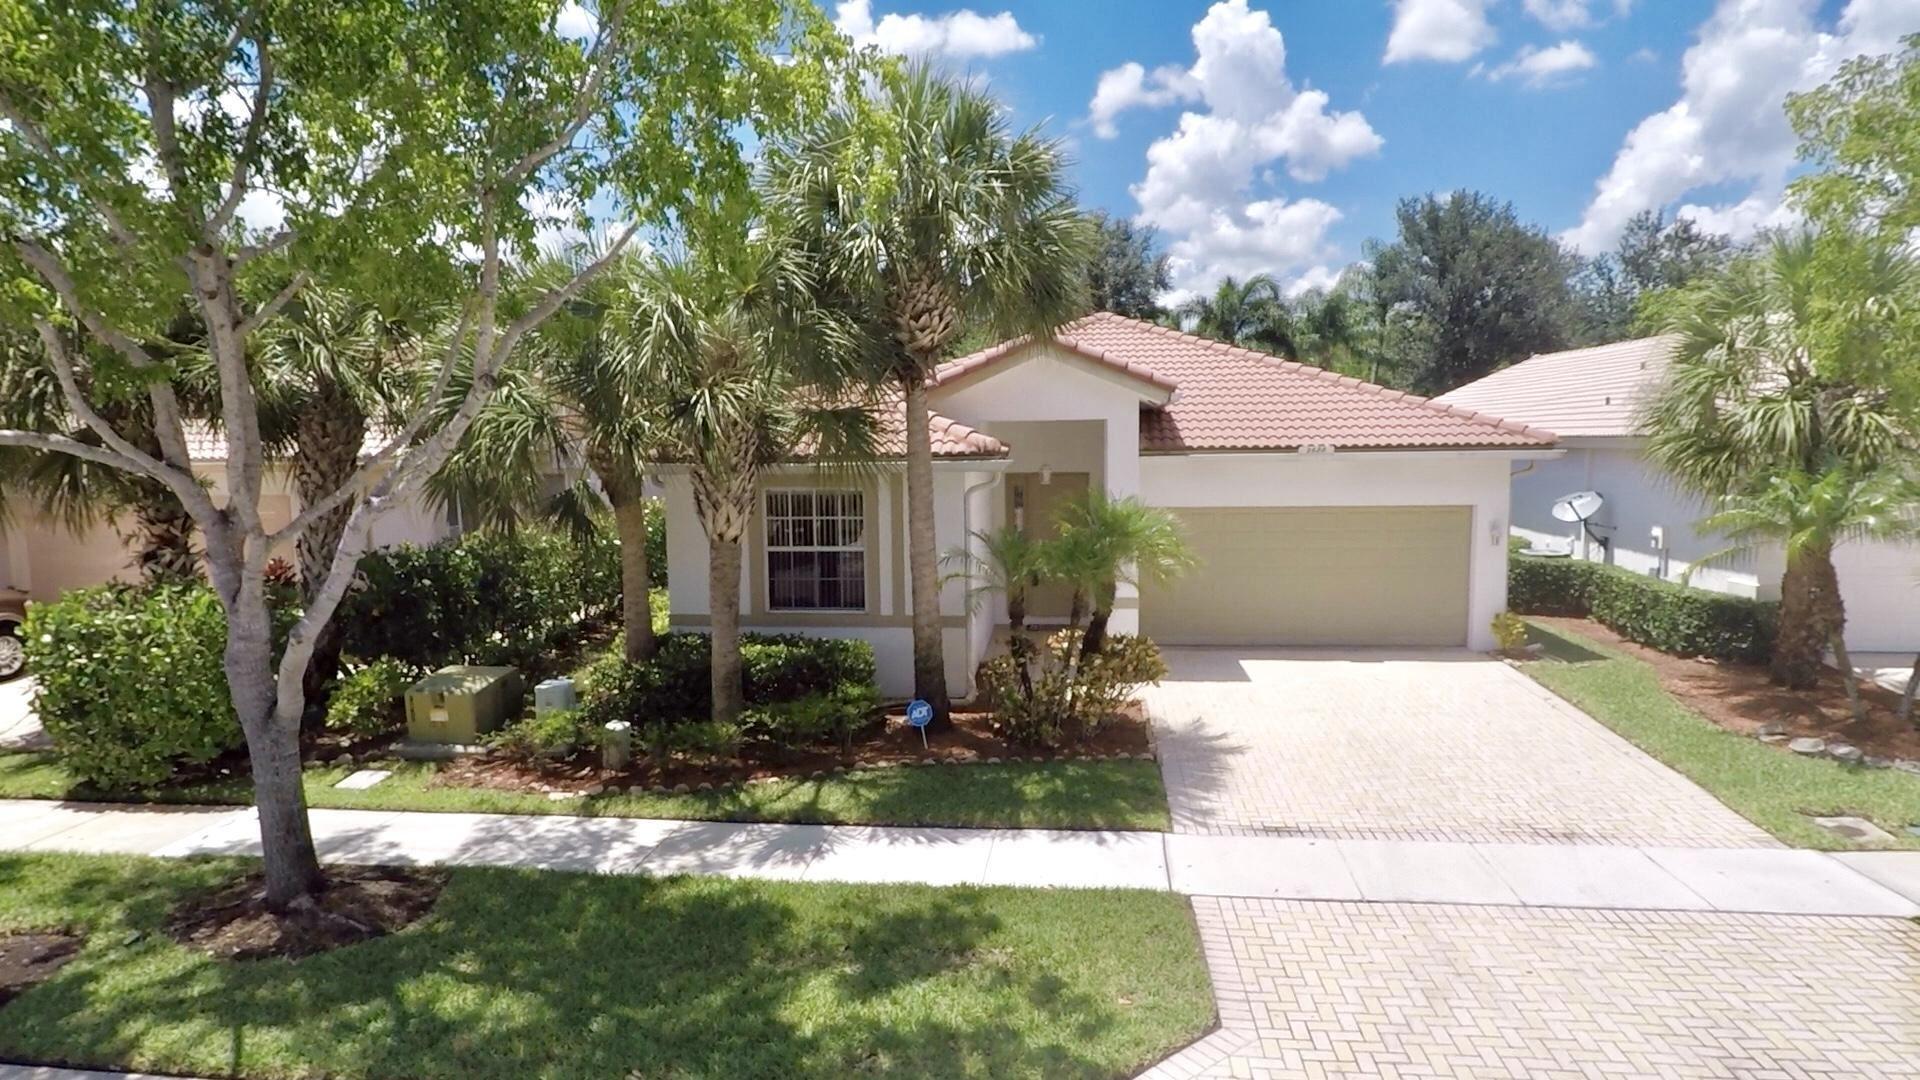 2688 Clipper Circle, West Palm Beach, FL 33411 - #: RX-10670485